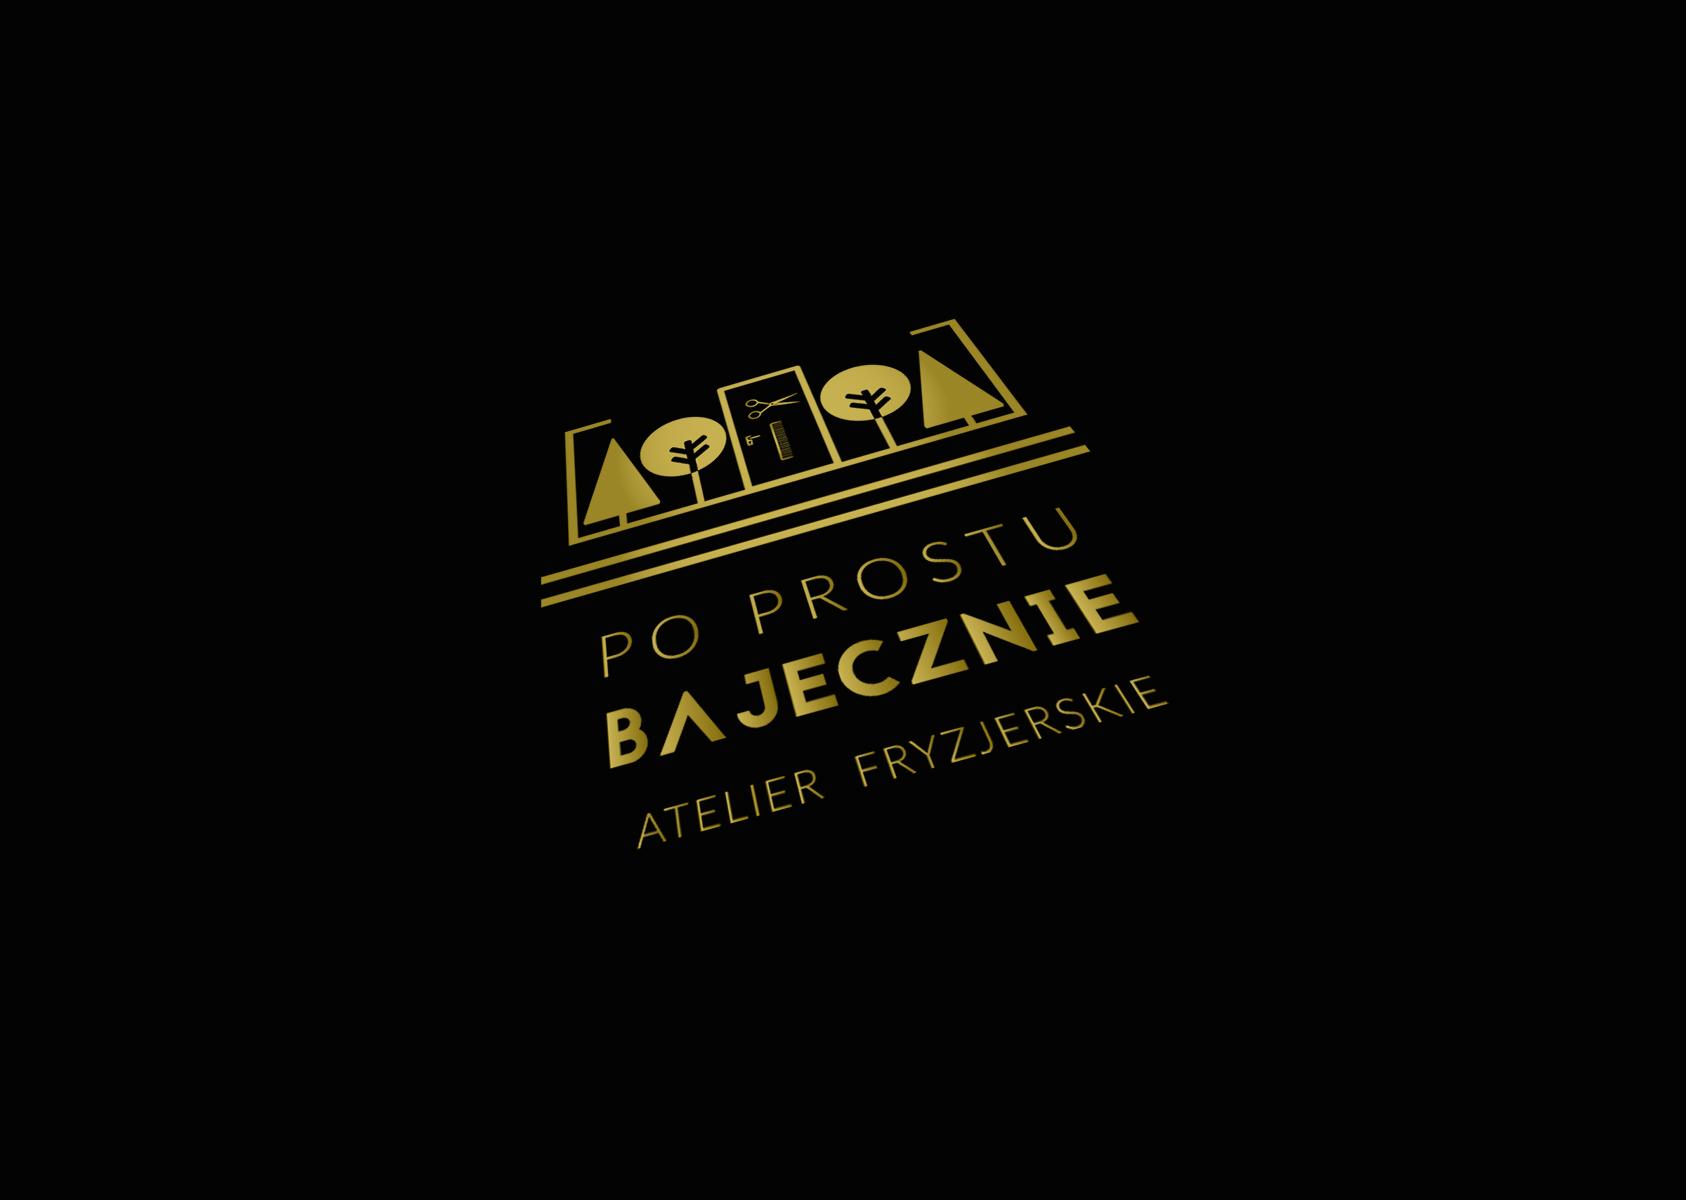 logo_po_prostu3